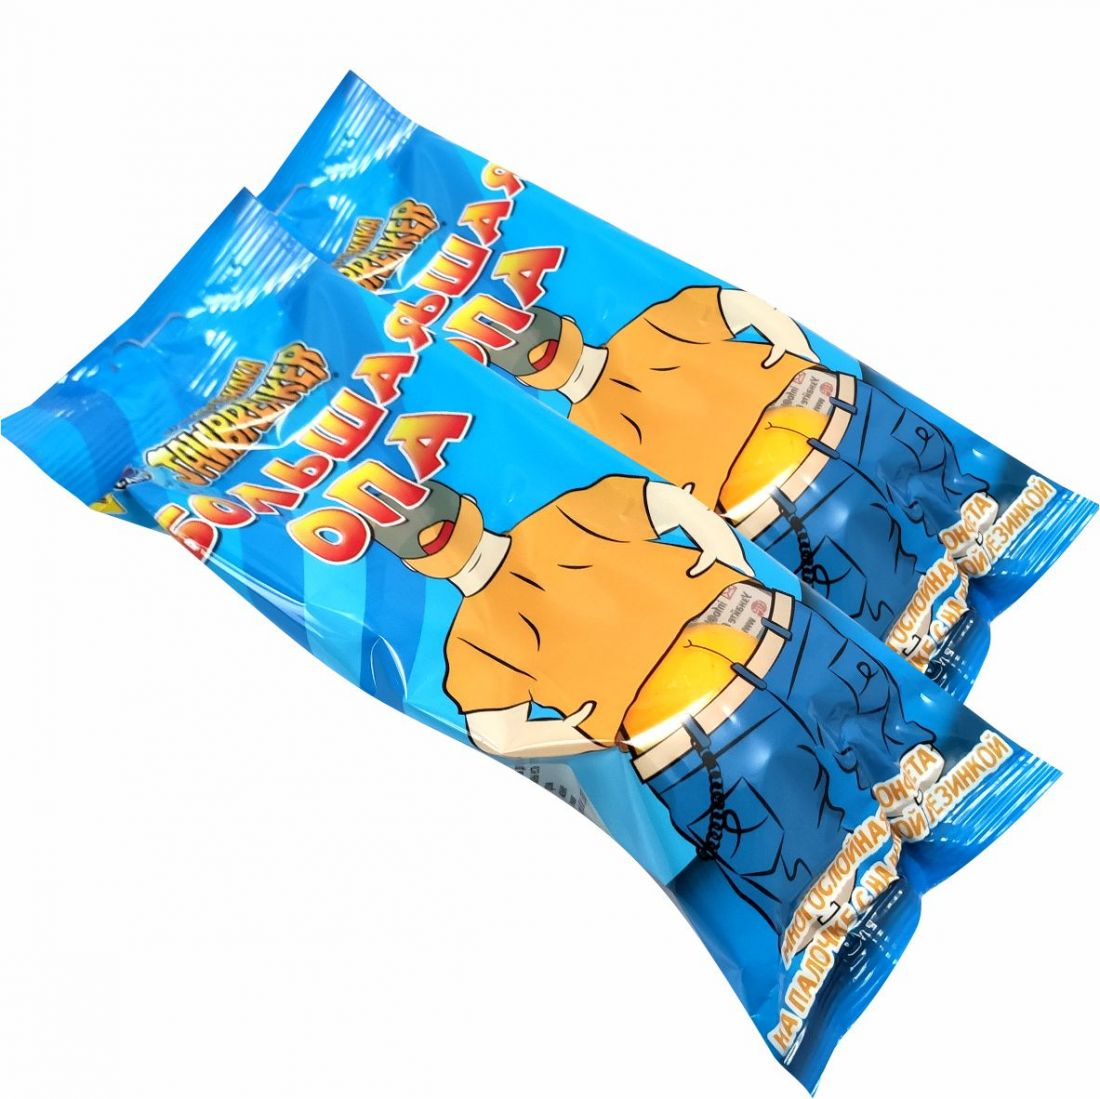 ЗУБОДРОБИЛКА Большая ОПА многослойная конфета на палочке с надувной резинкой, 2 шт.